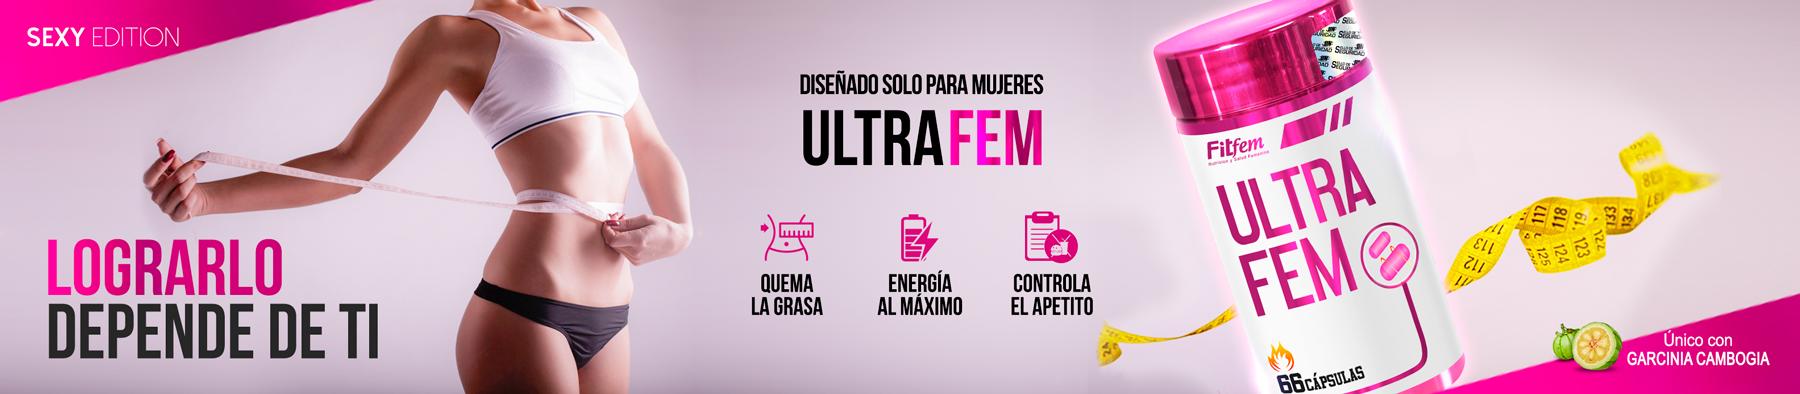 Banner ULTRA FEM